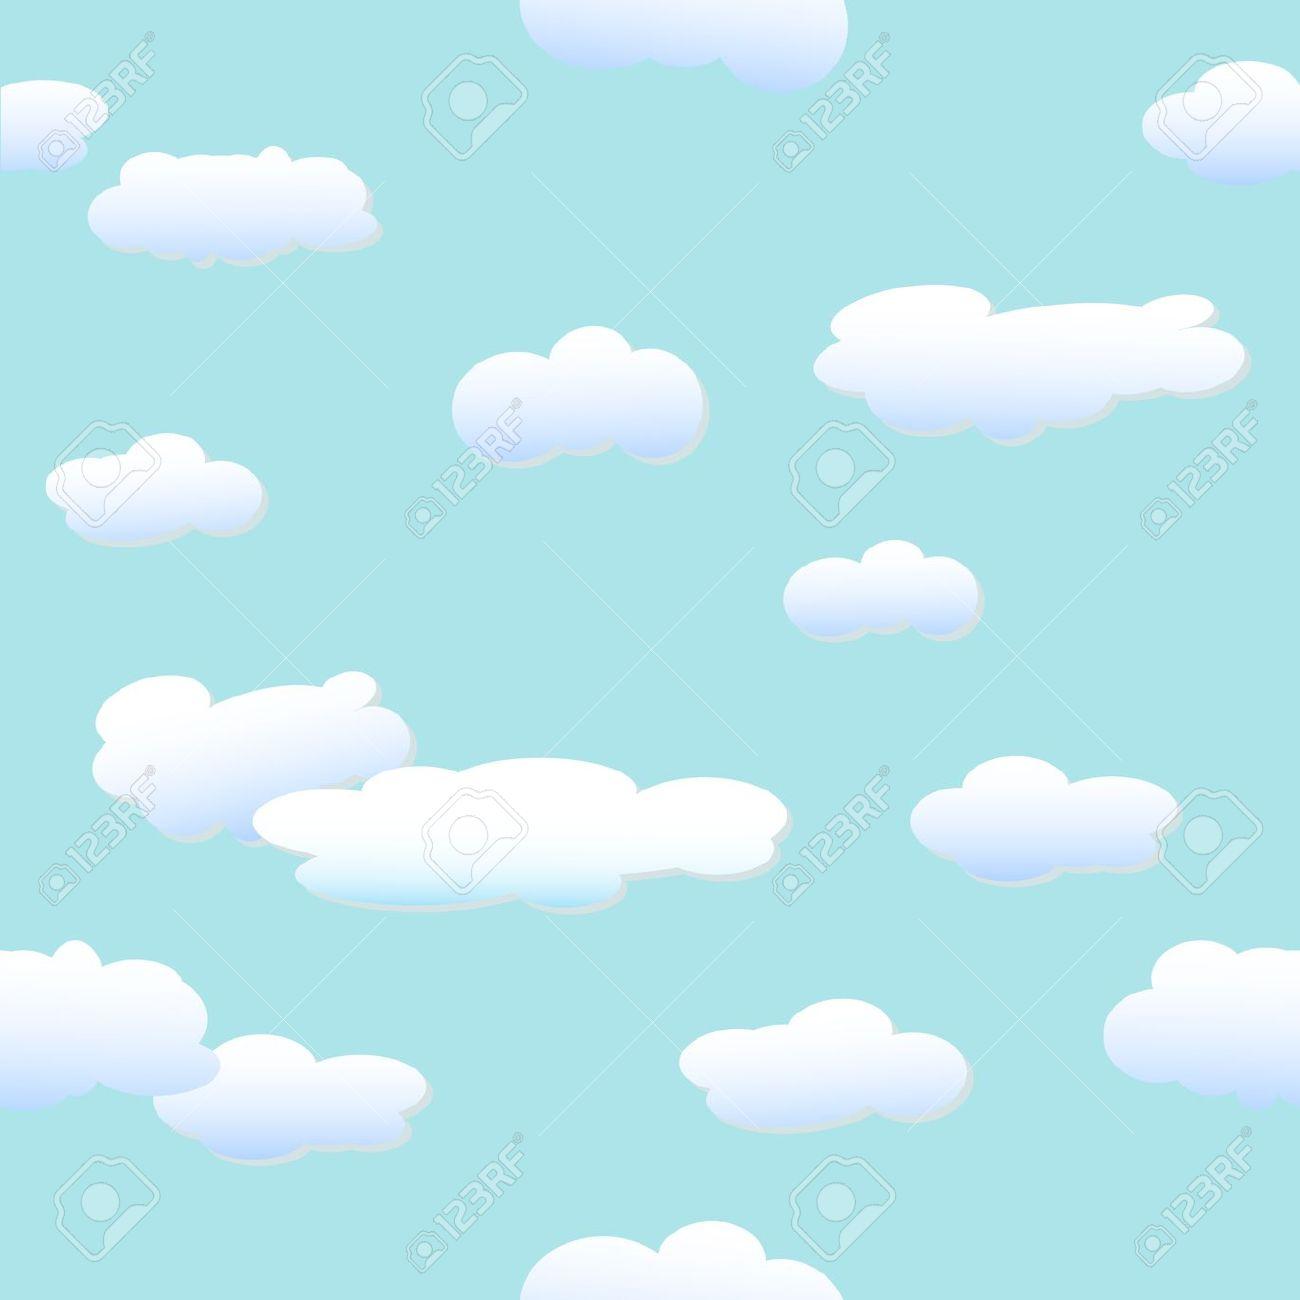 cloud wallpaper clip art - photo #4